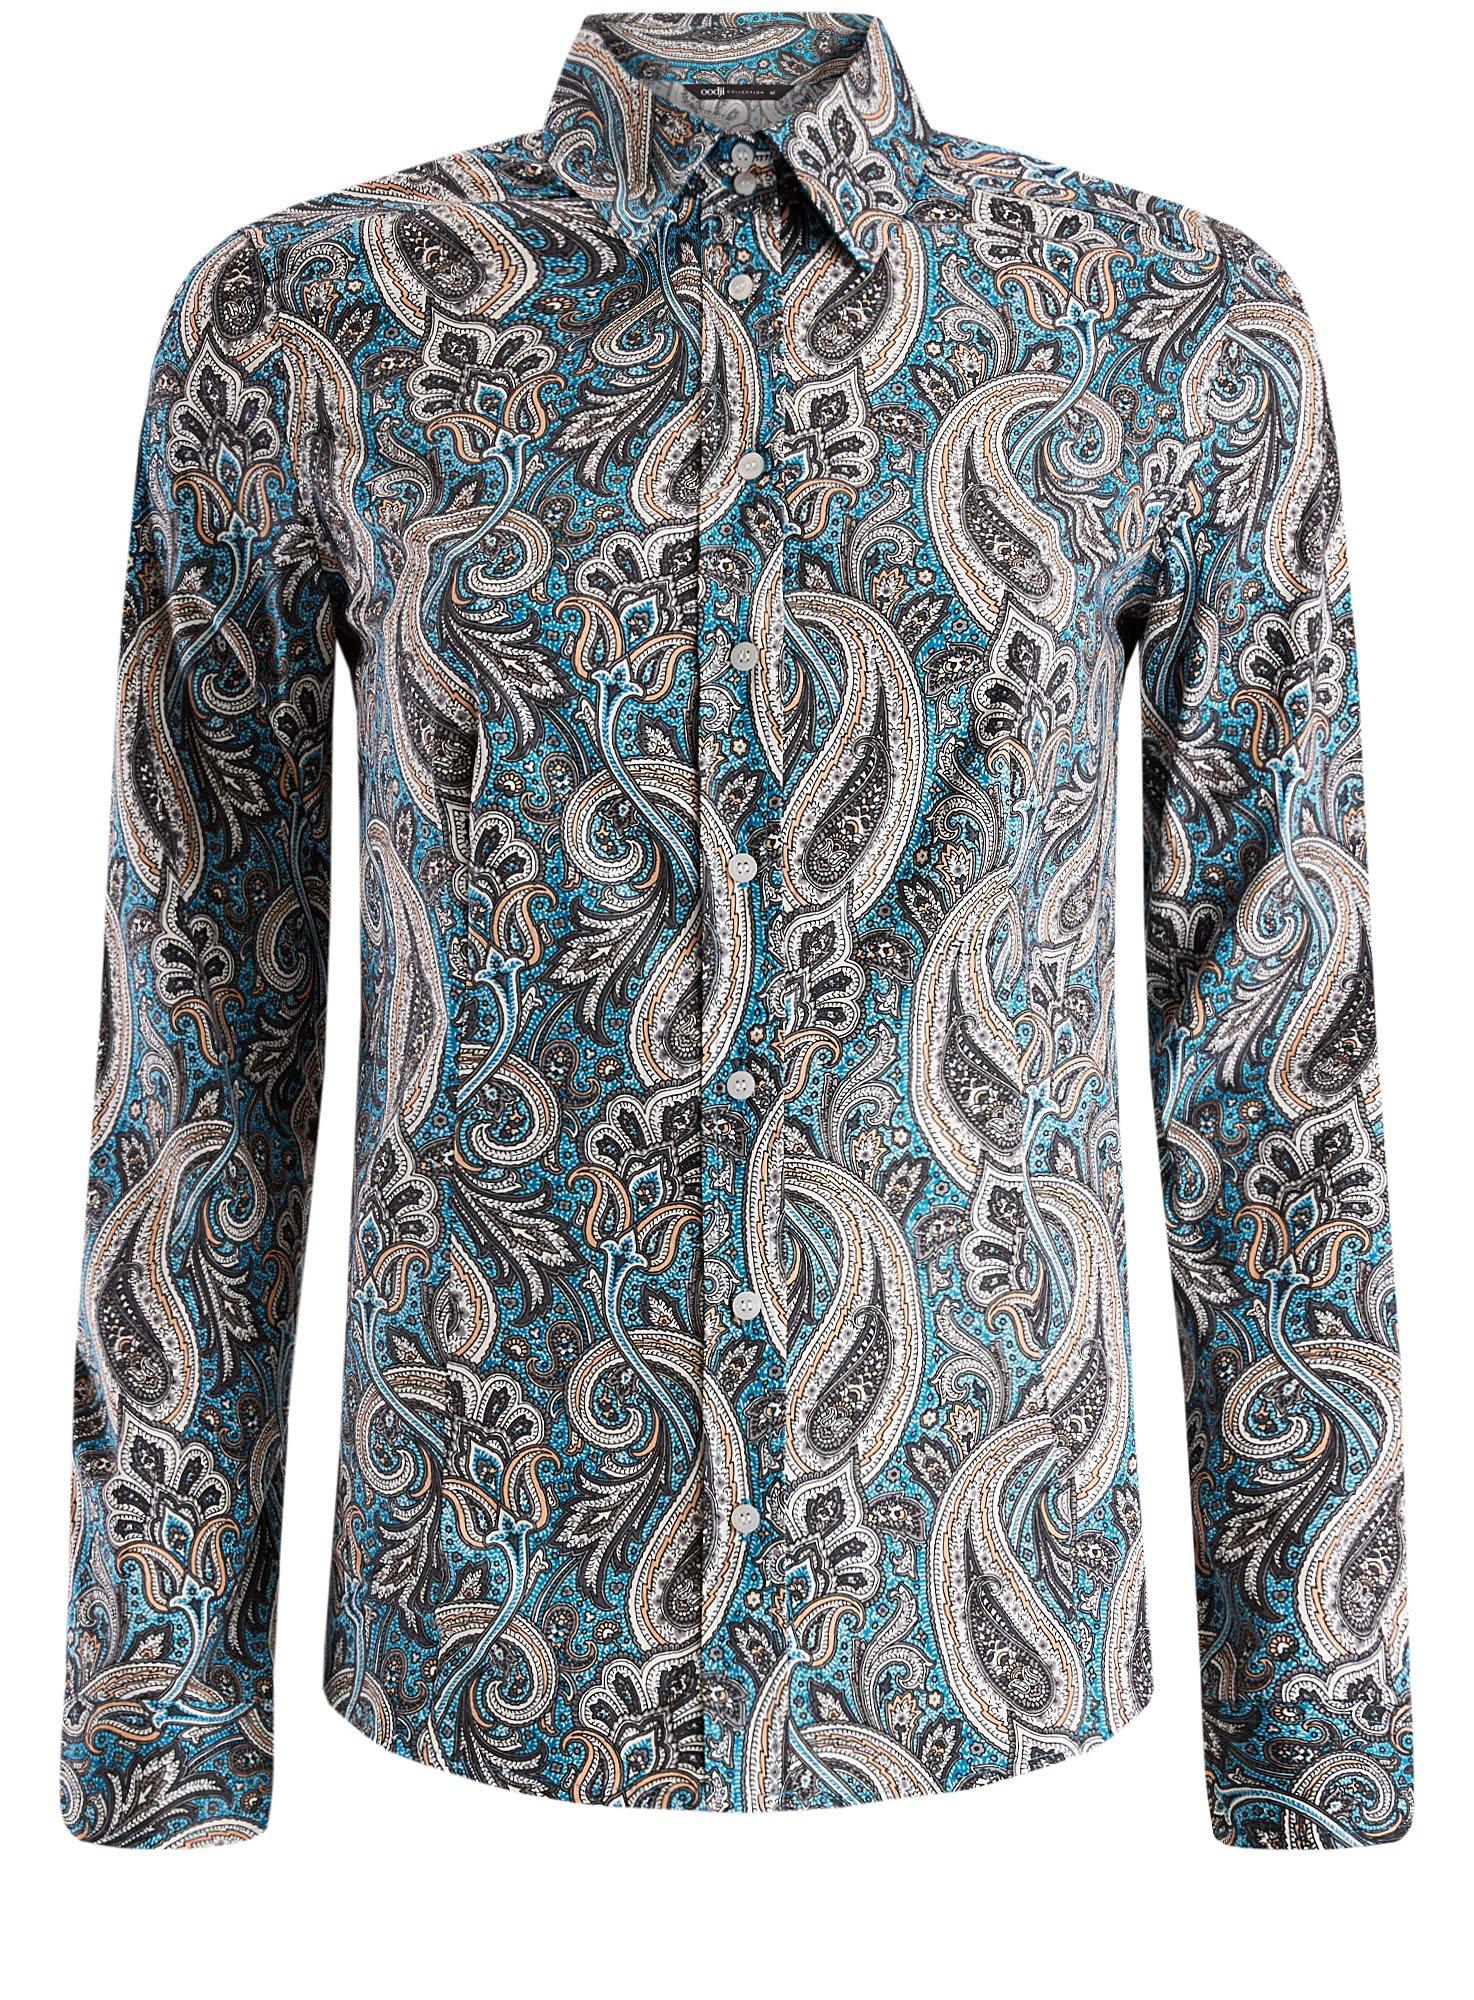 Рубашка приталенная принтованная oodji для женщины (бирюзовый), 21402212/14885/7355E